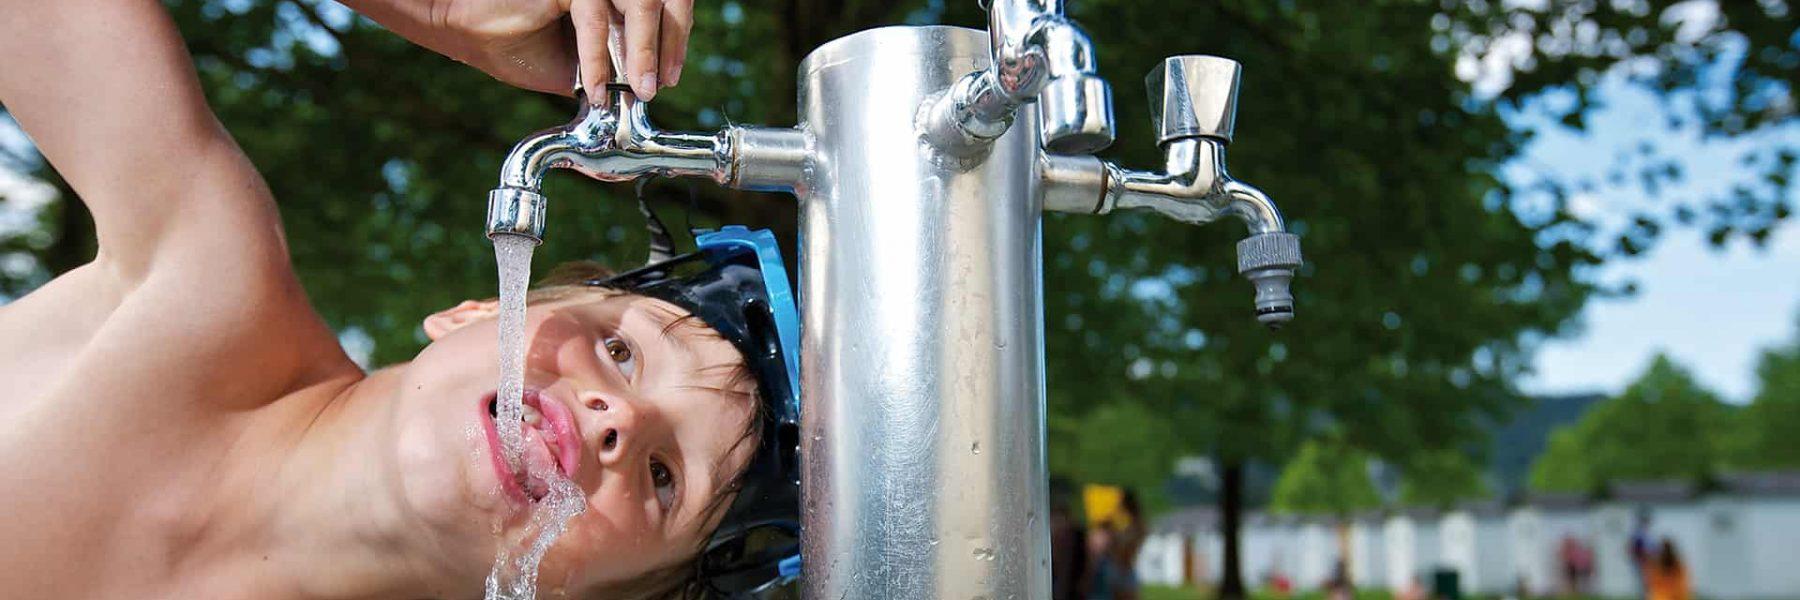 Wasser2_Full